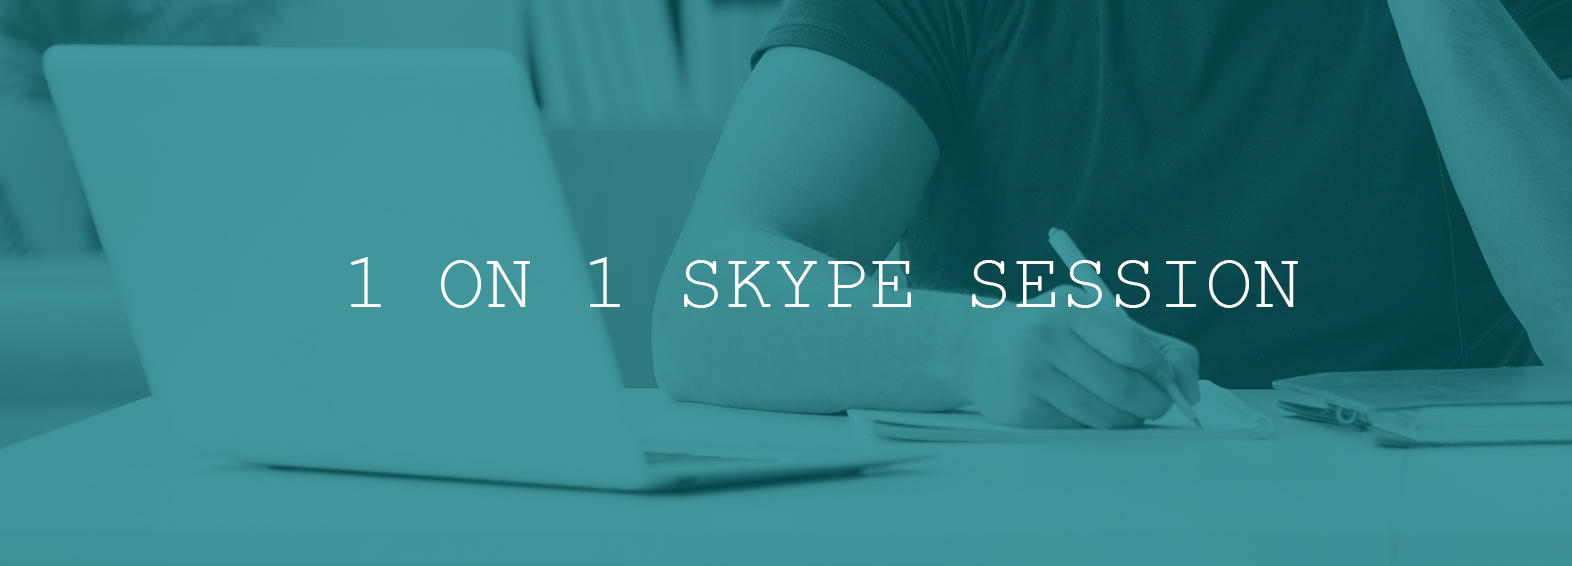 1-on-1-skype-session-with-Jeff-Schimmel.jpg